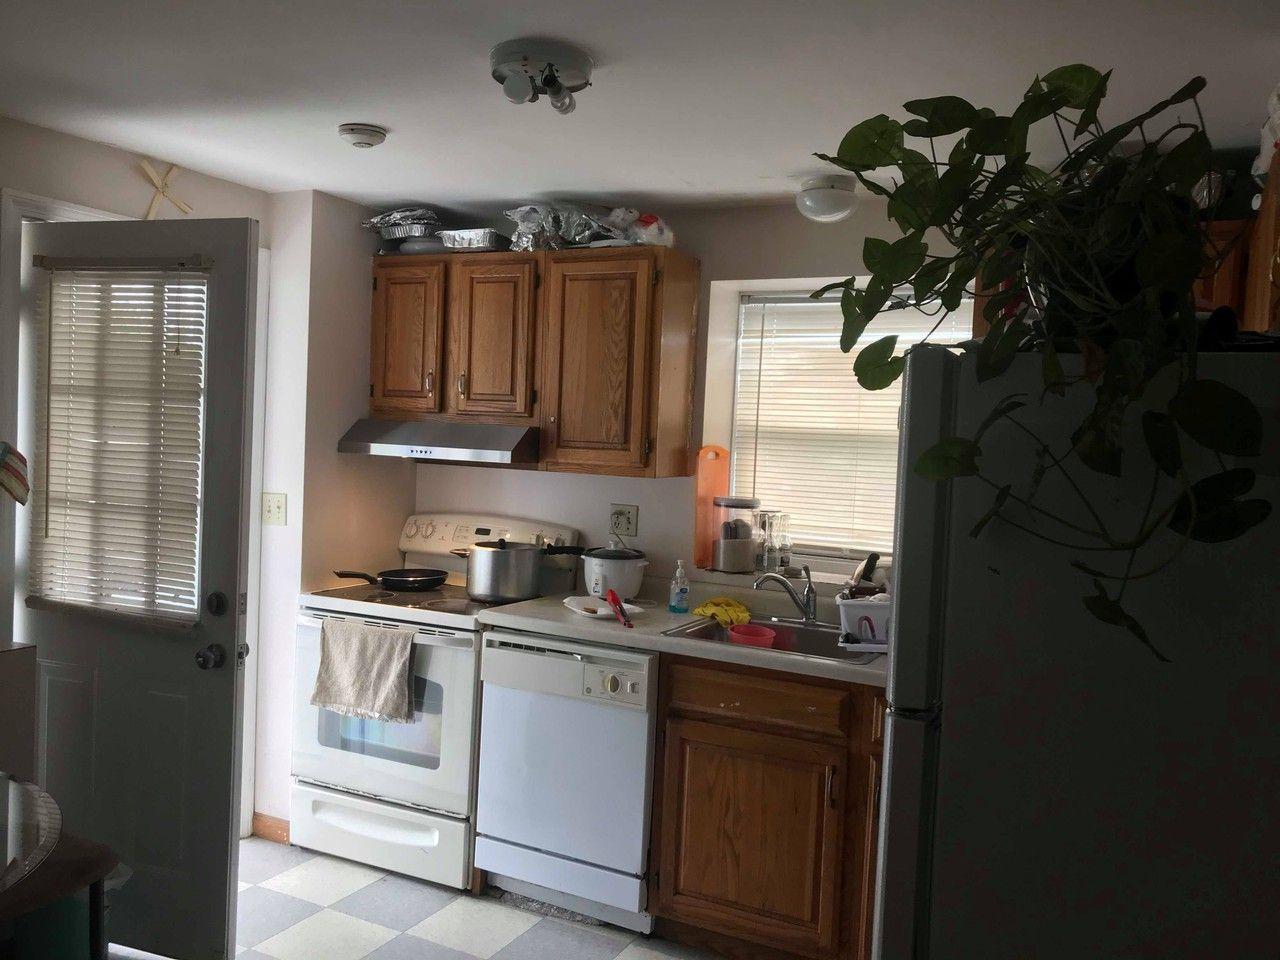 39 Cross Street 1 Everett Ma 02149 3 Bedroom Apartment For Rent For 2 000 Month Zumper